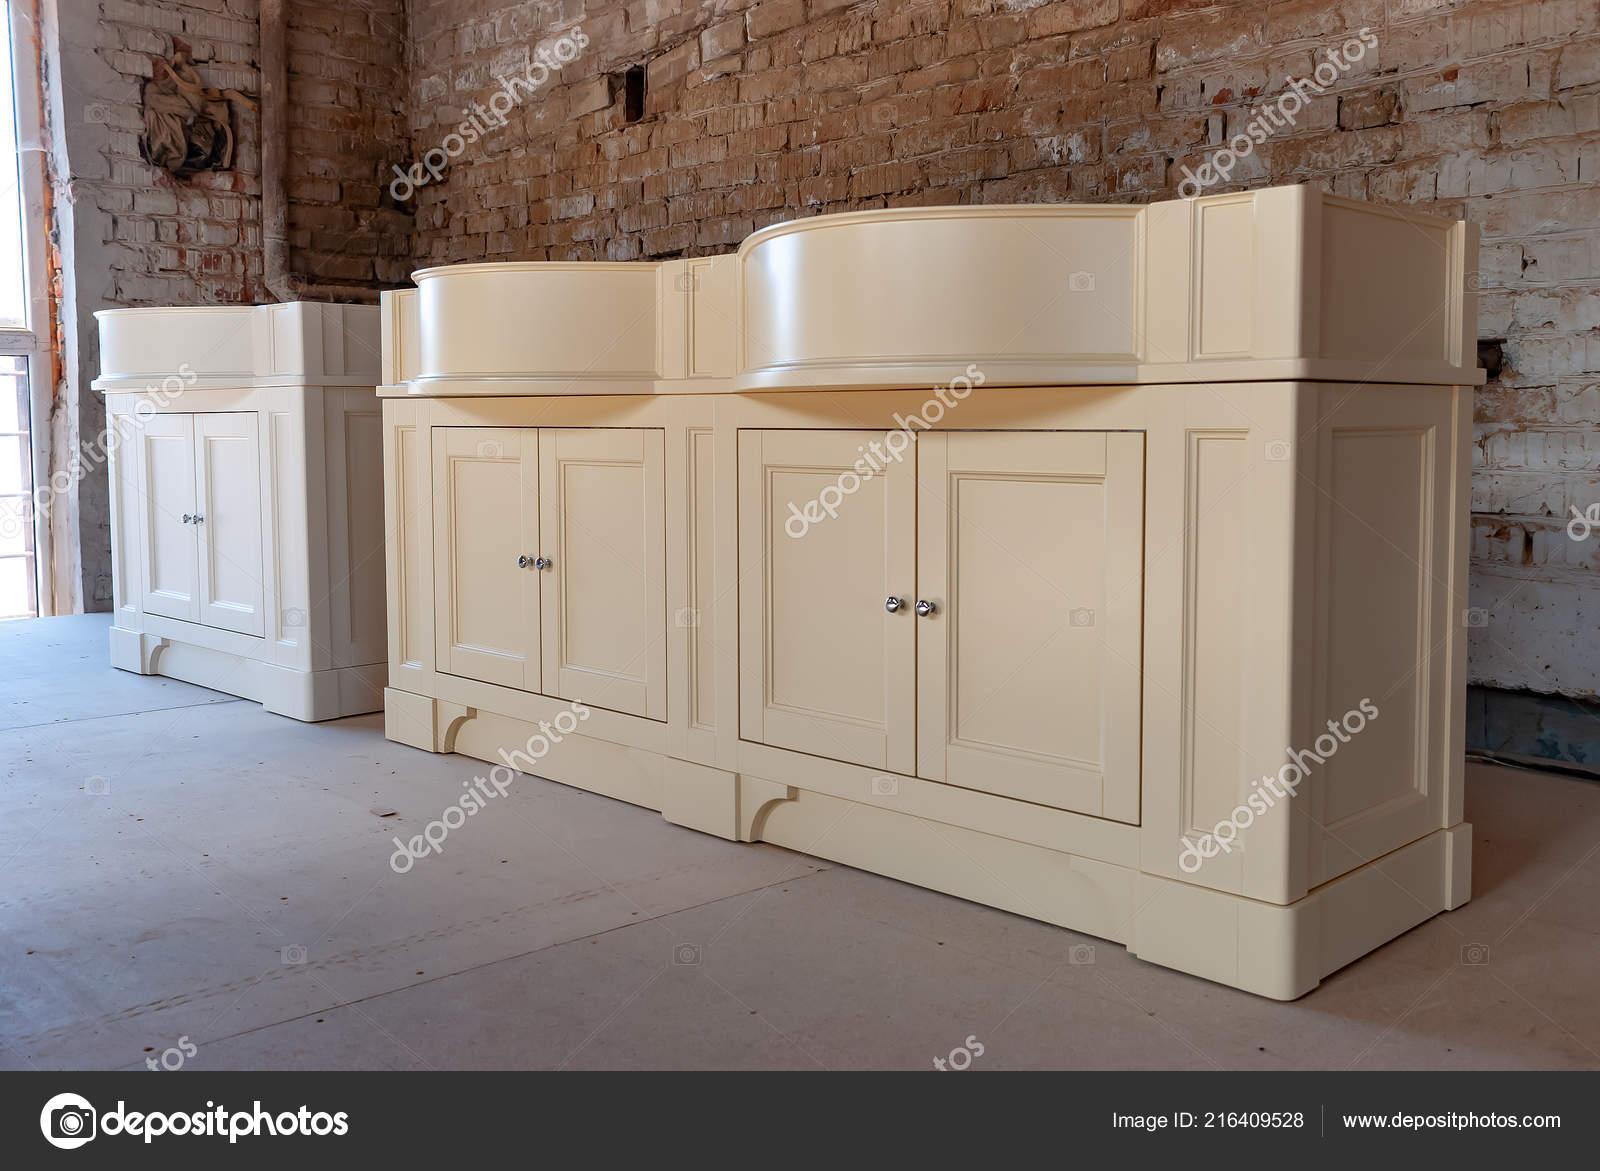 Bathroom Vanity Cabinet Two Washbasins Old Brick Wall